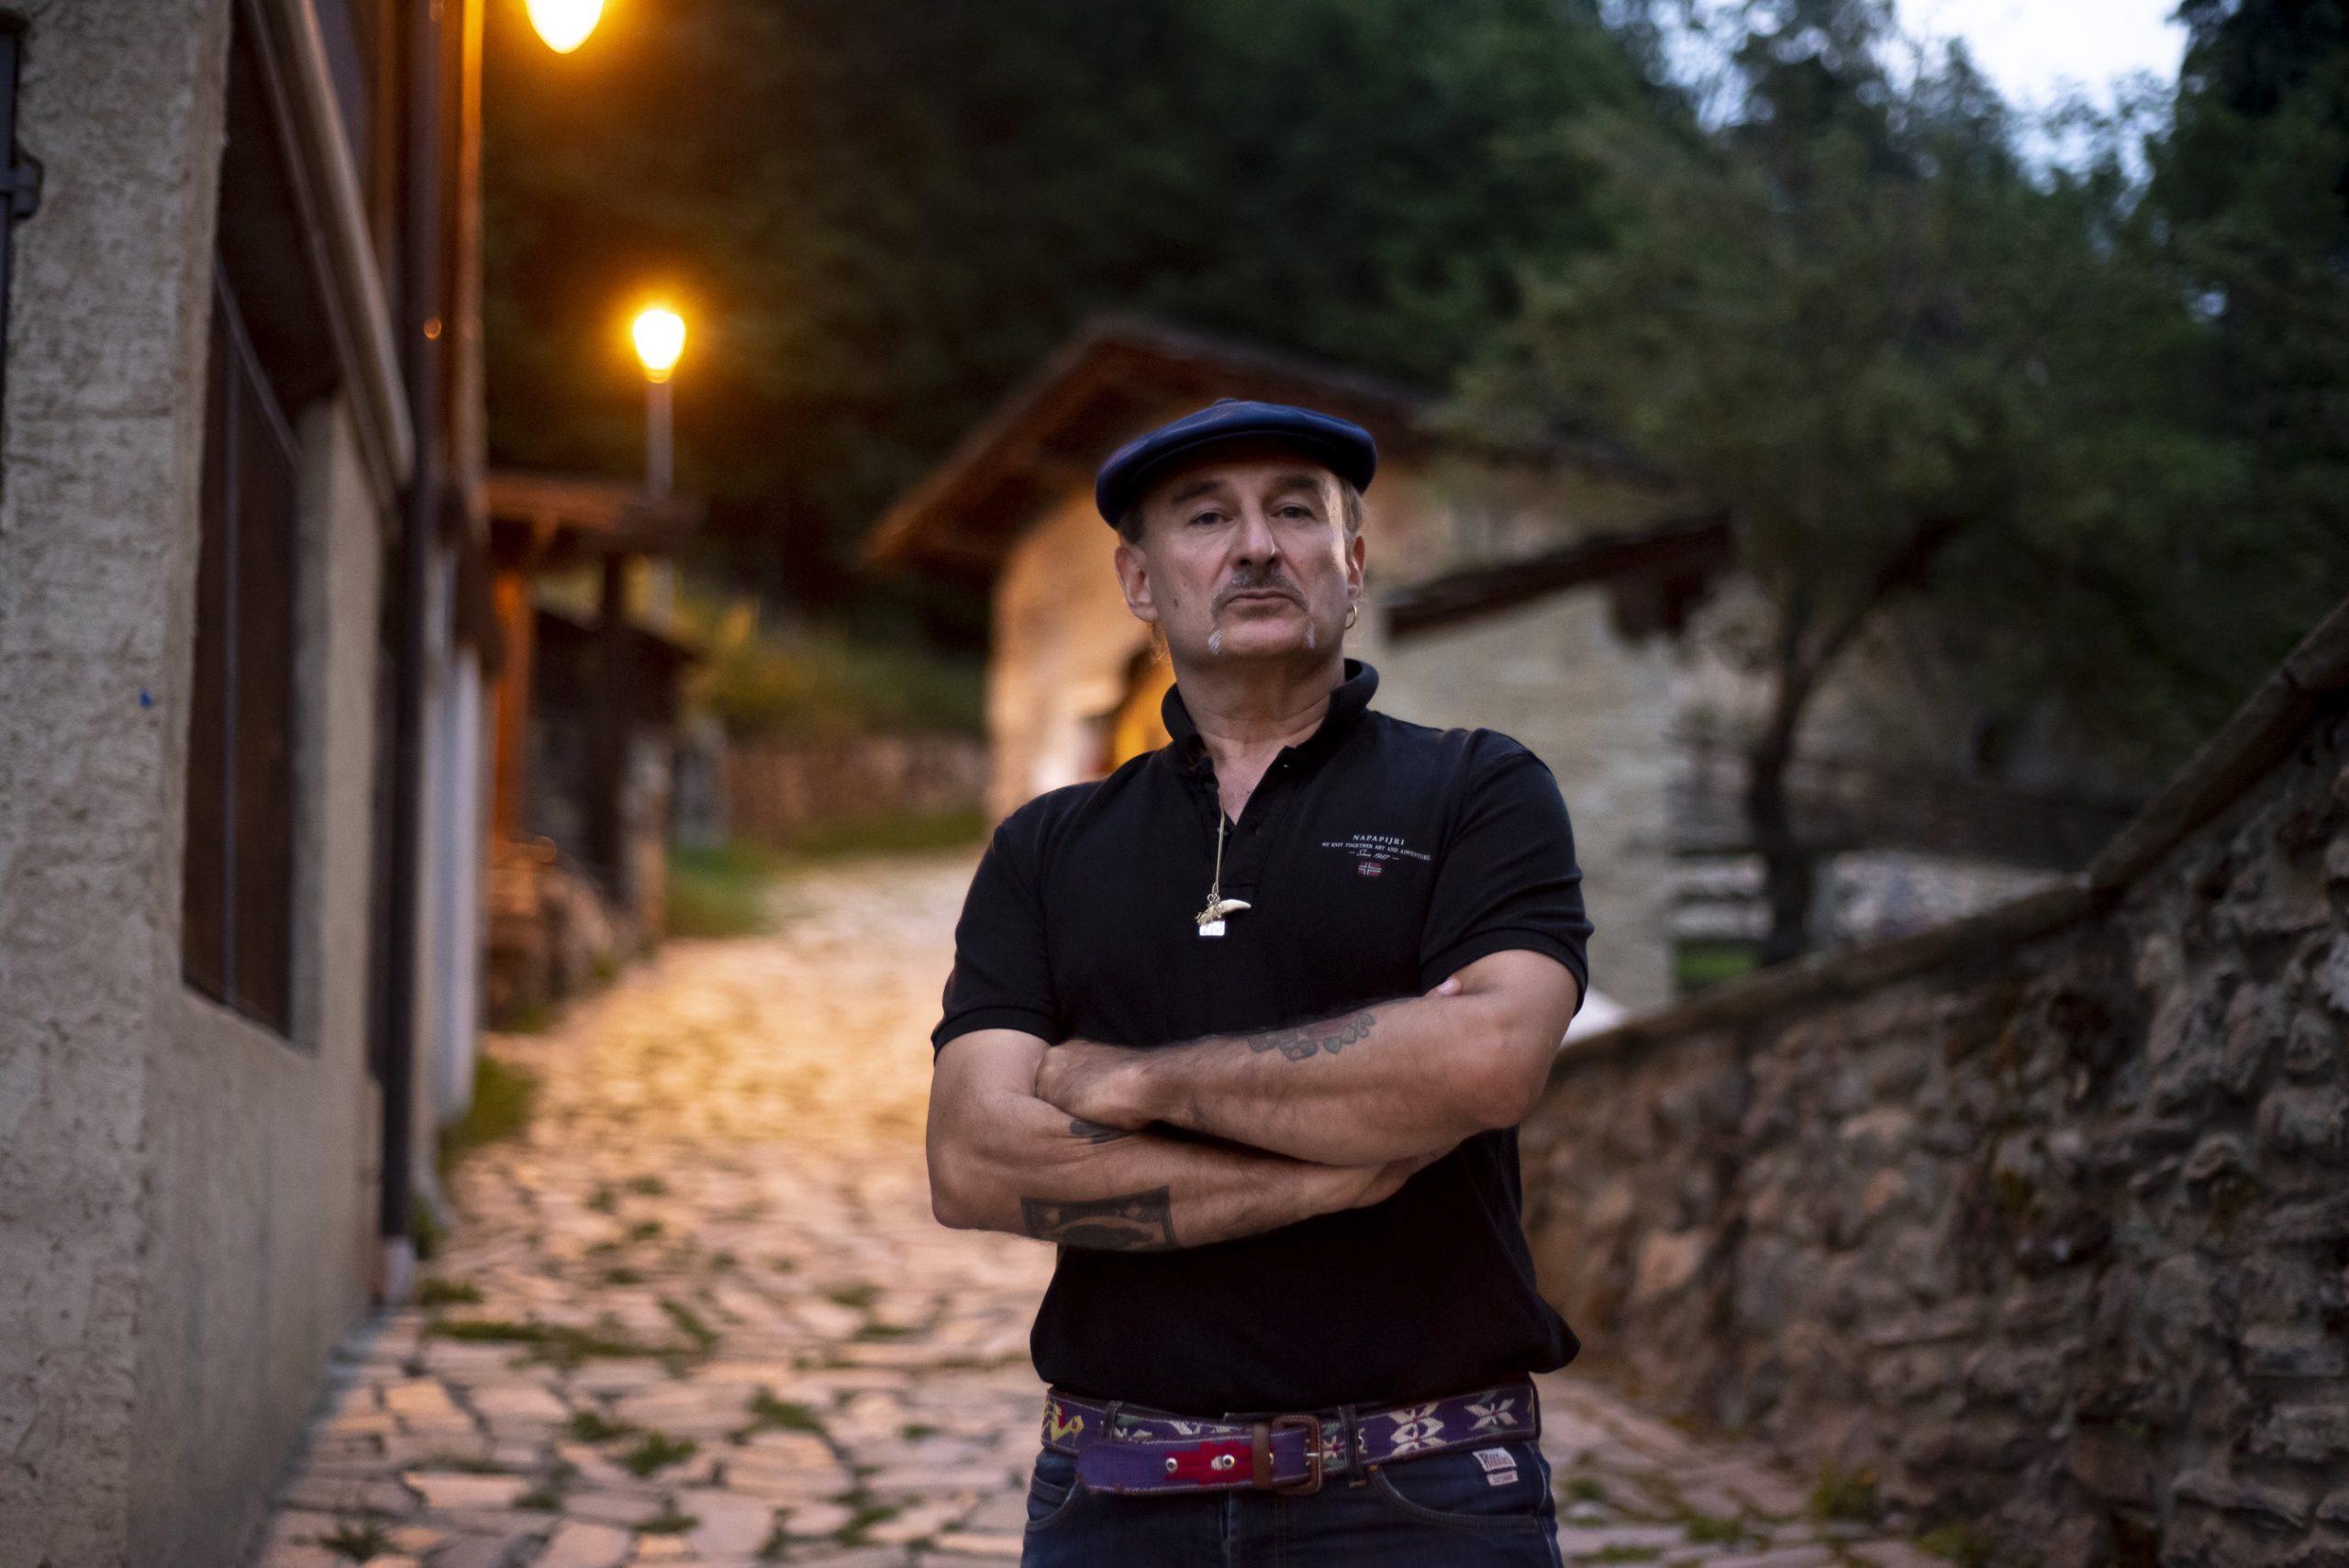 Sergio Berardo dei Lou Dalfin, direttore artistico del festival Occit'amo